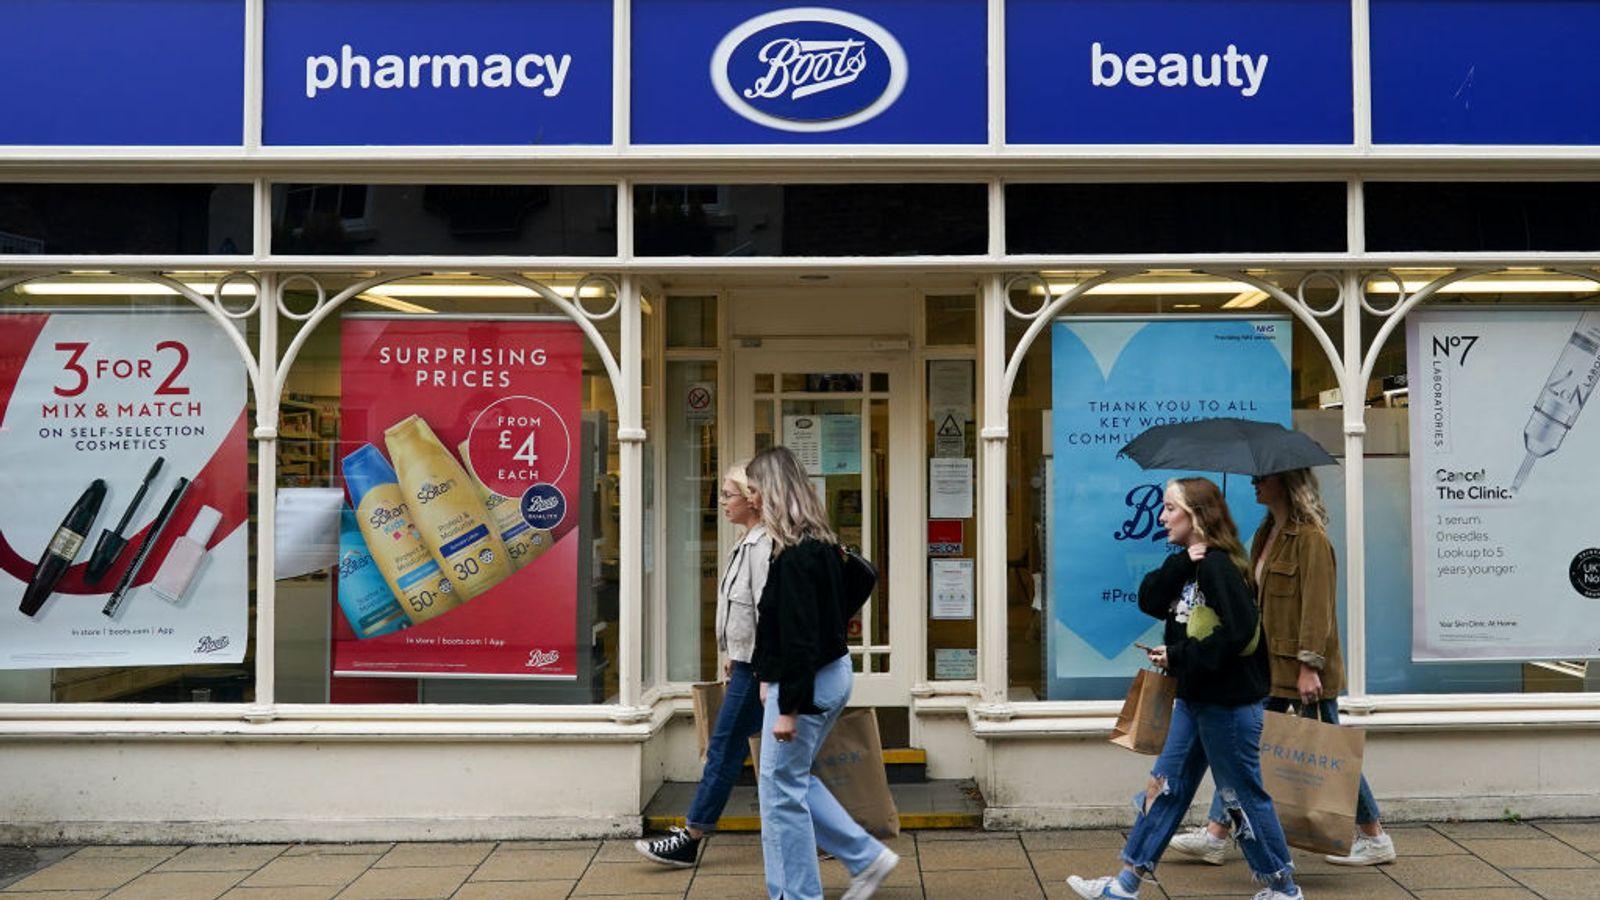 Coronavirus - Boots suspends flu jabs after 'unprecedented demand' - MTG UK 1